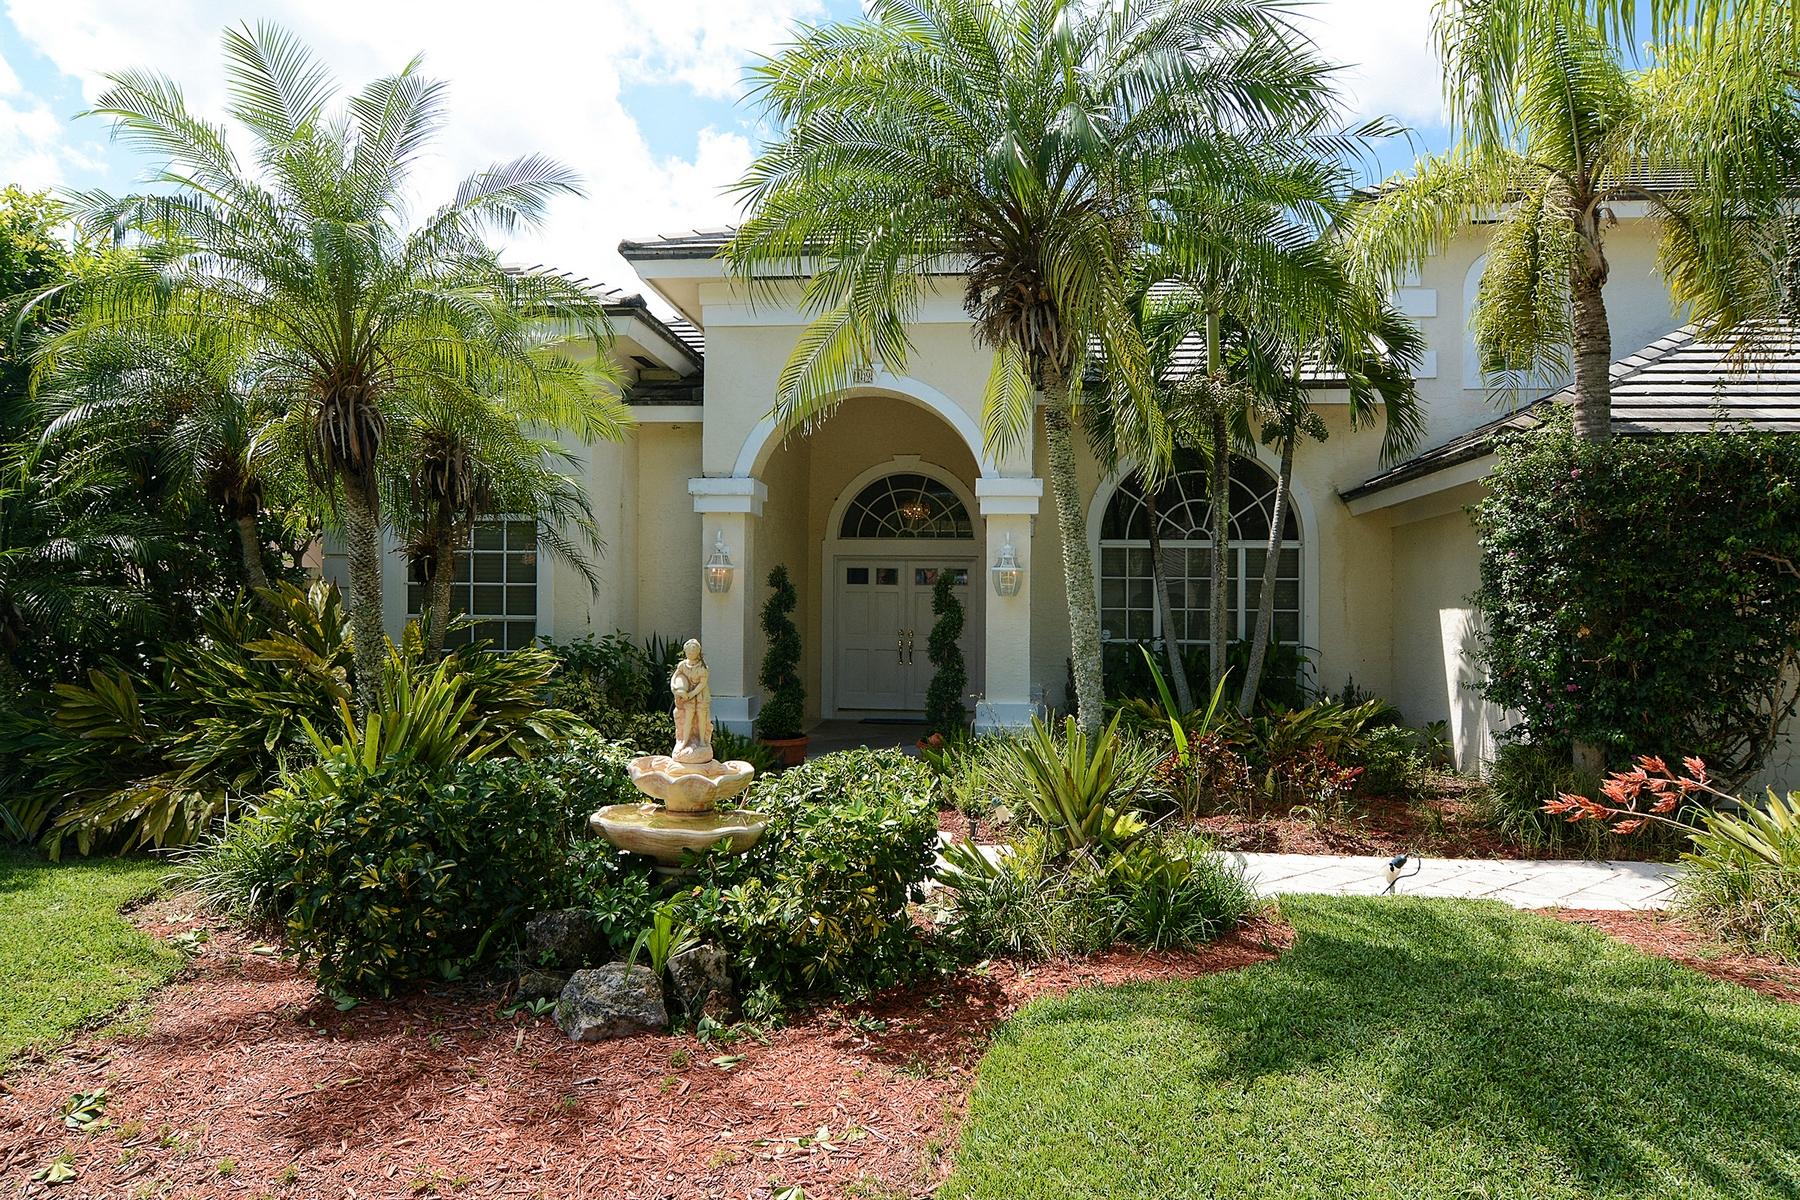 独户住宅 为 销售 在 19 Windward Isle 棕榈滩花园, 佛罗里达州, 33418 美国